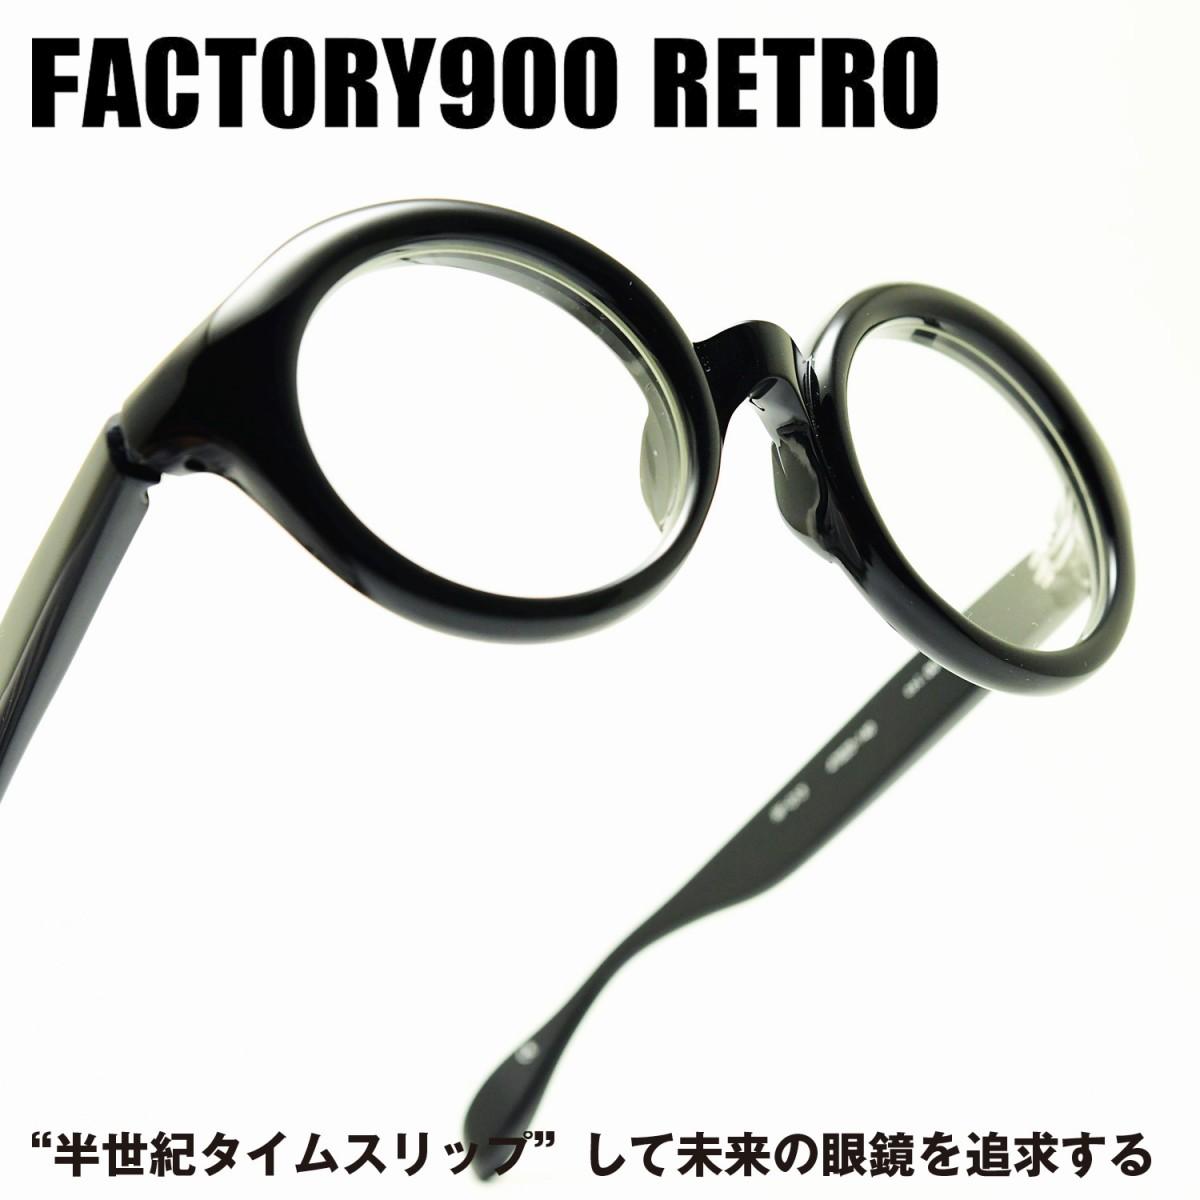 画像1: FACTORY900 RETRO ファクトリー900レトロ RF-013 col-001 (1)